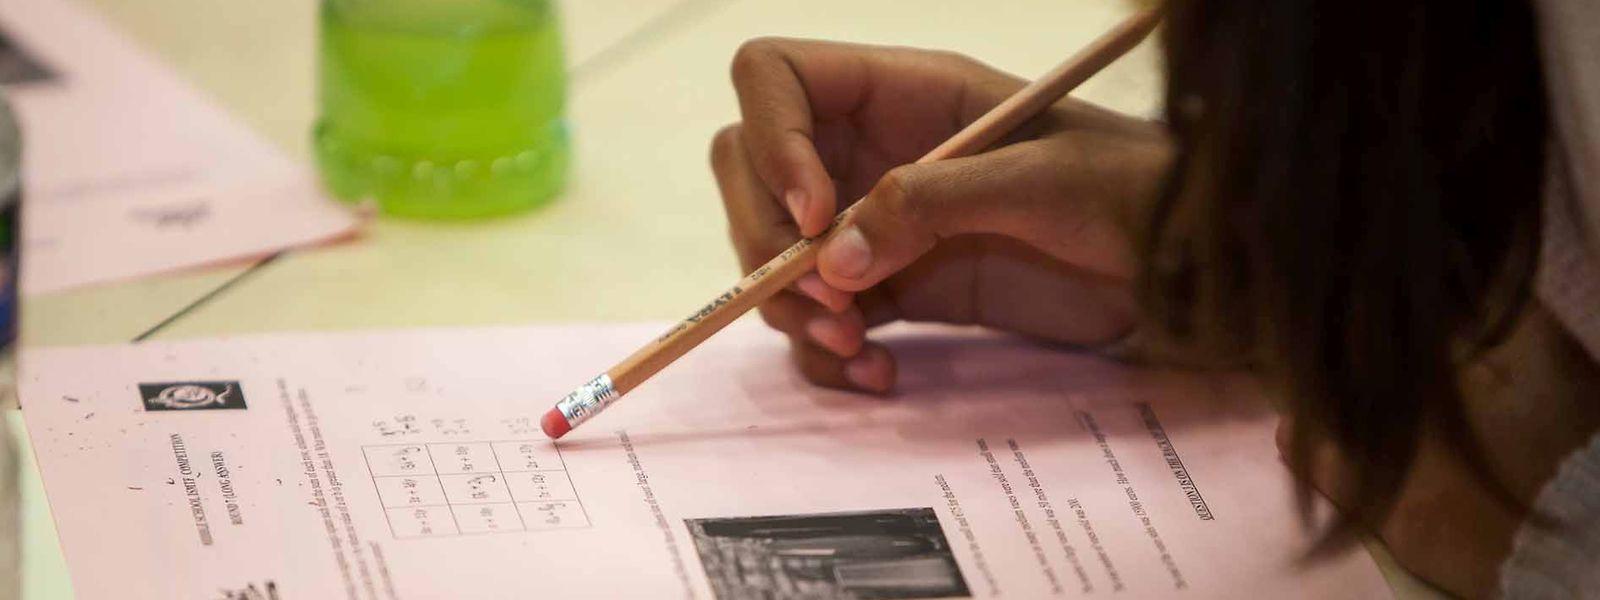 O estudo tem como foco os alunos cabo-verdianos e ex-jugoslavos